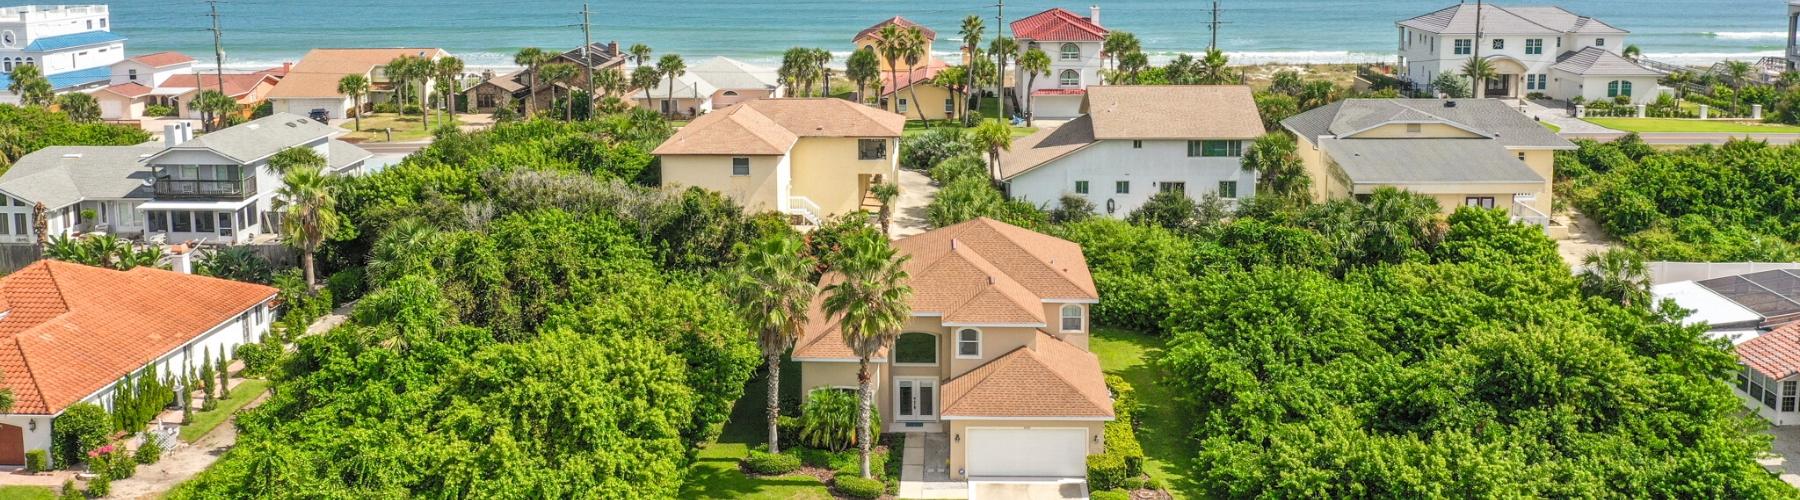 photo of a flagler beach neighborhood